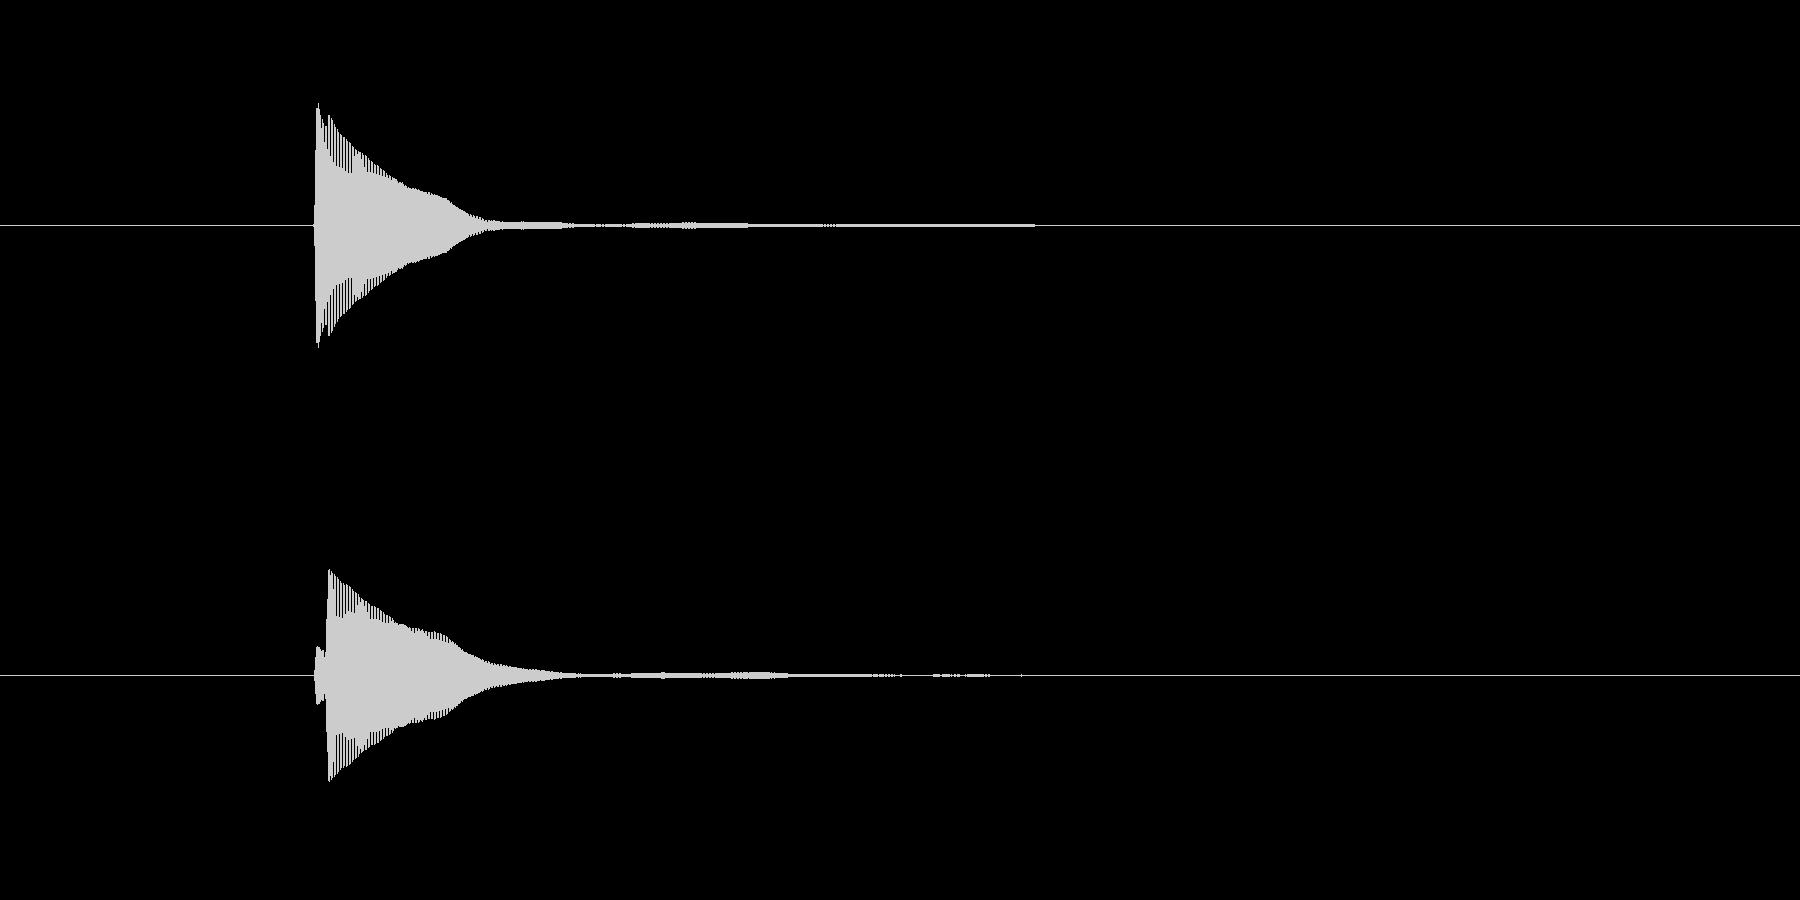 選択ボタンなどで使える短いボタン音の未再生の波形